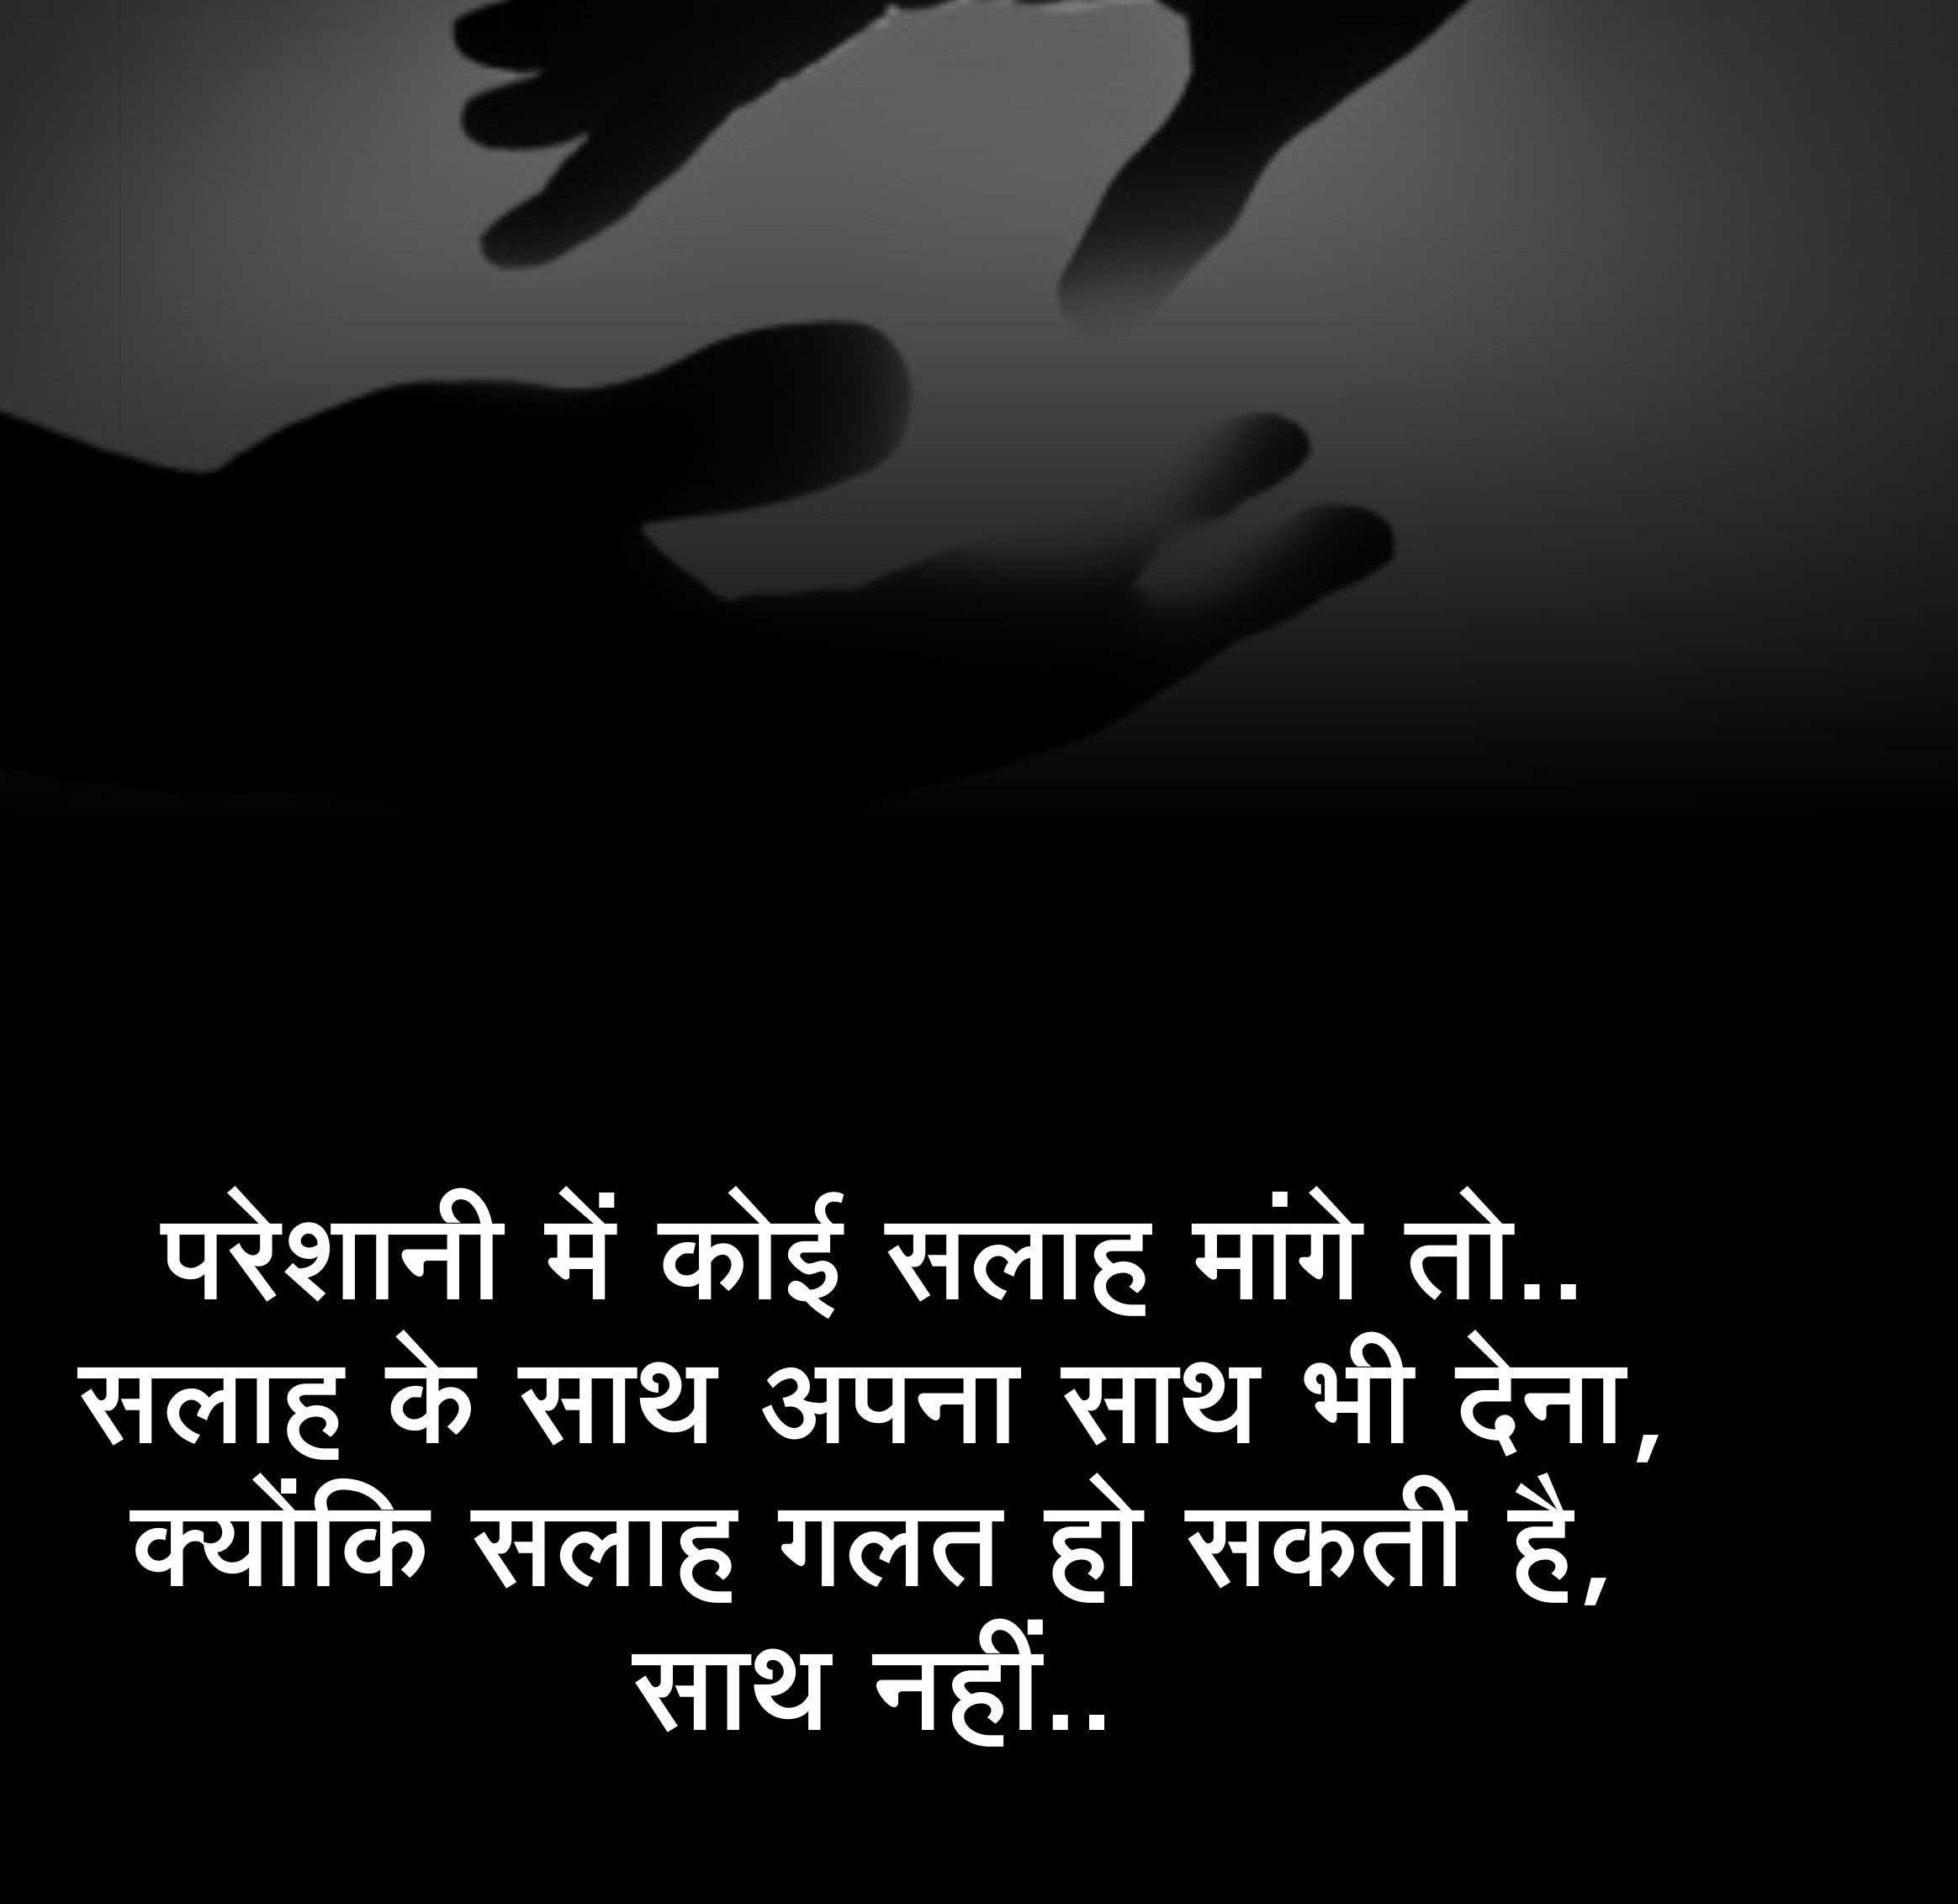 Hindi Quotes Whatsapp DP Wallpaper